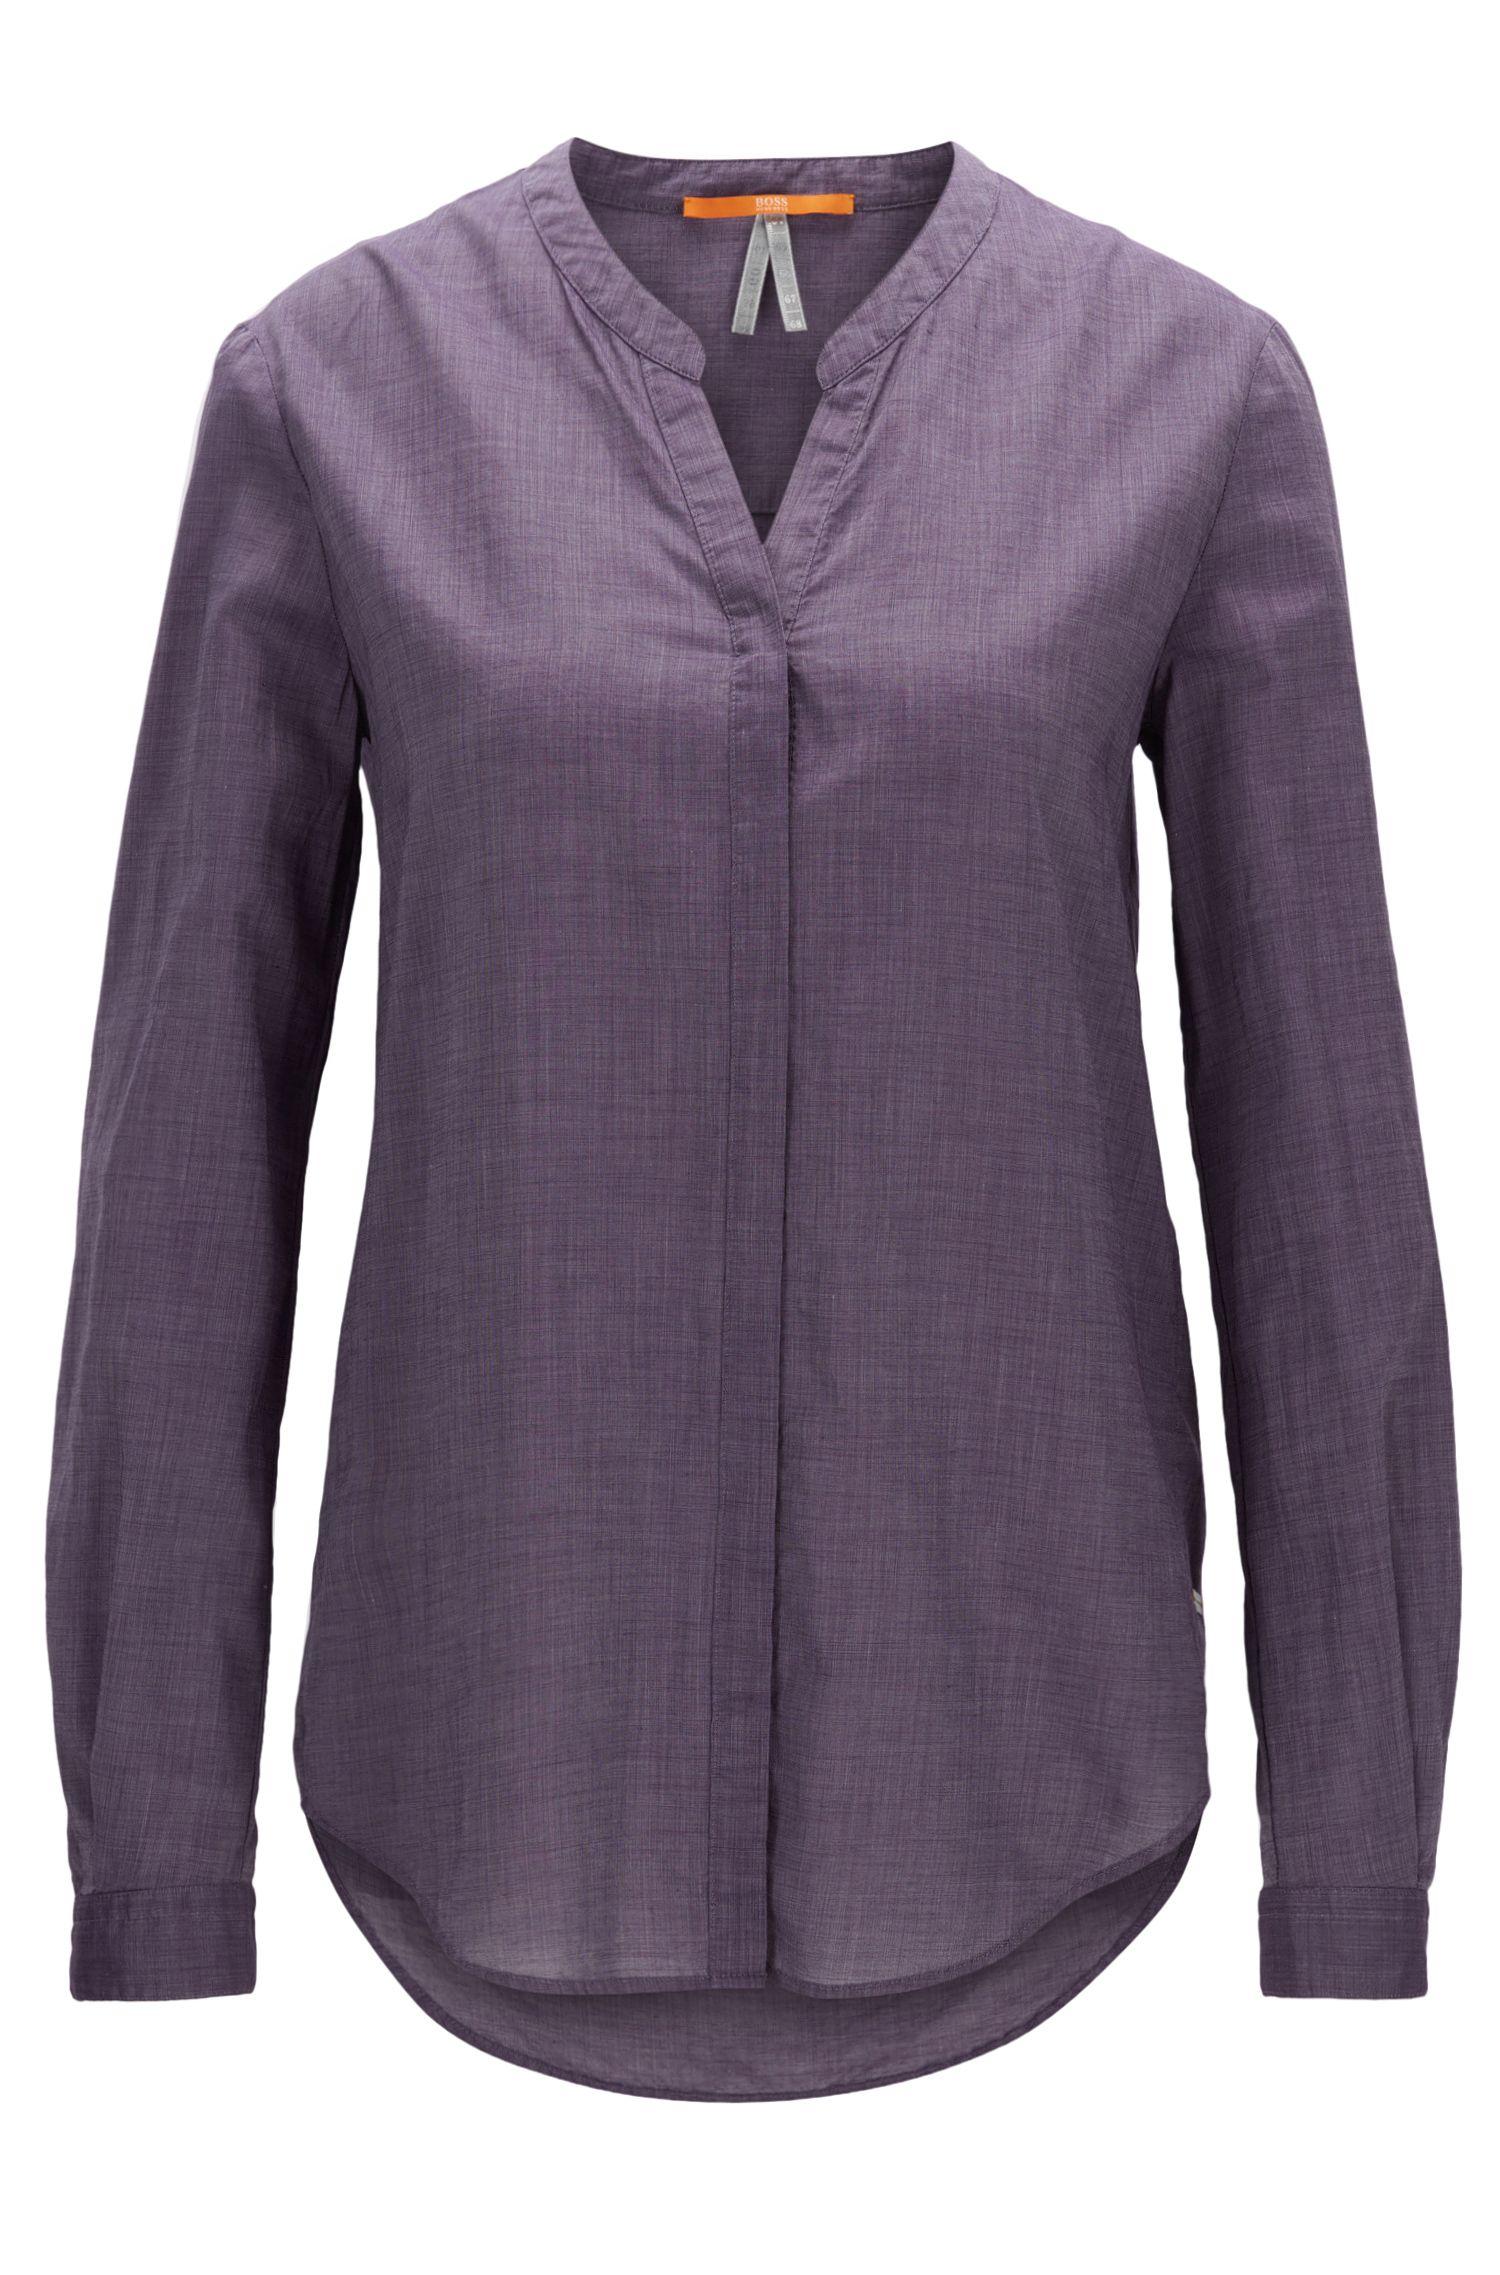 Blusa relaxed fit en mezcla de algodón ligero